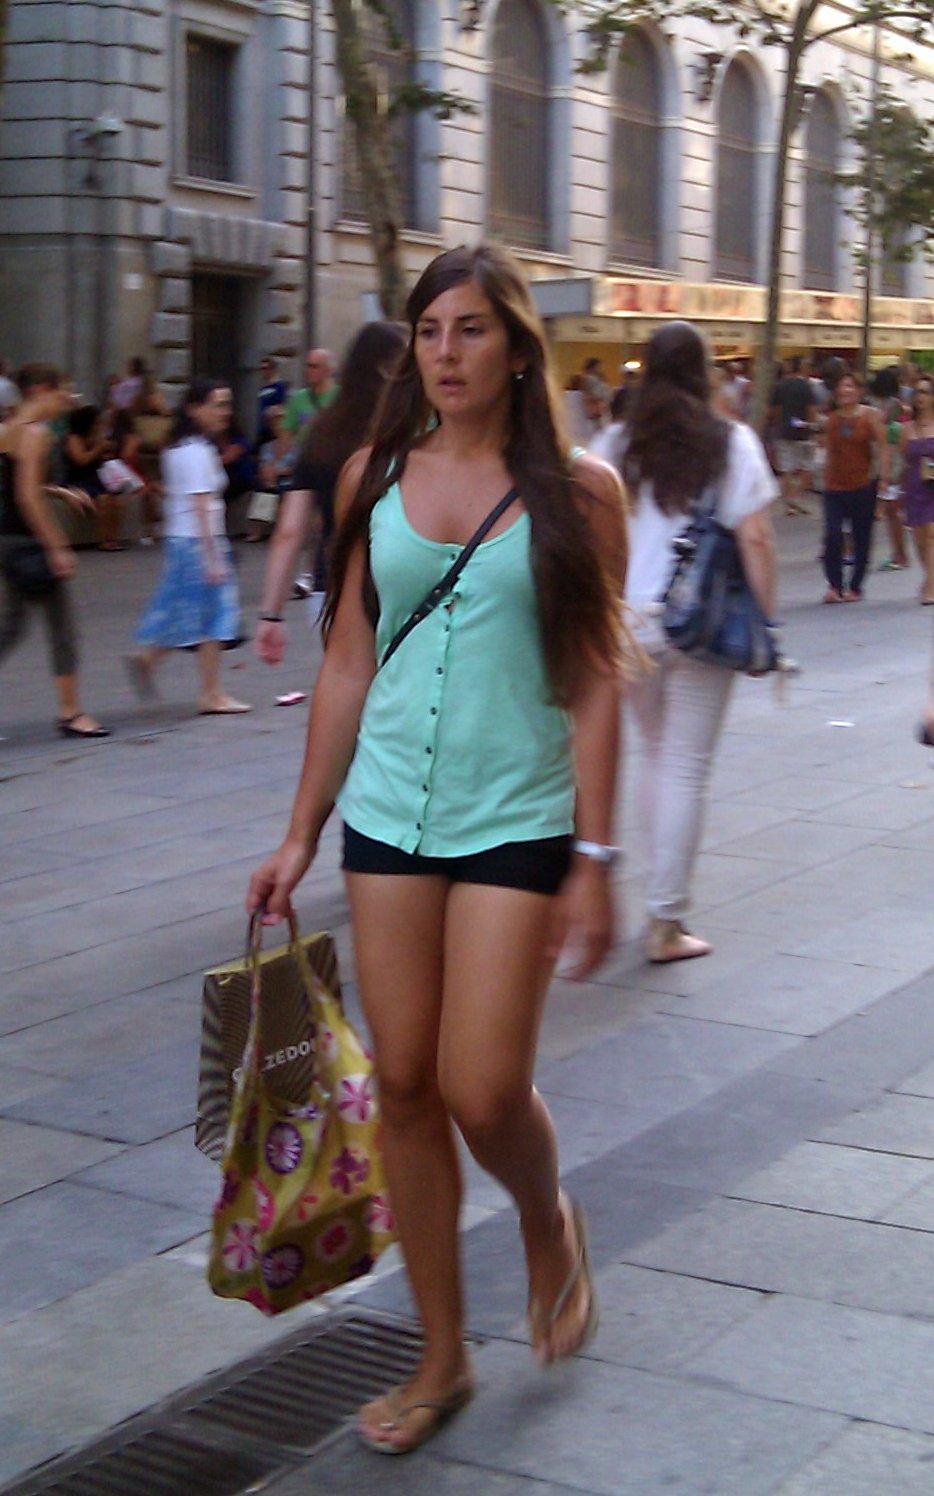 chicas descuidadas en la calle: